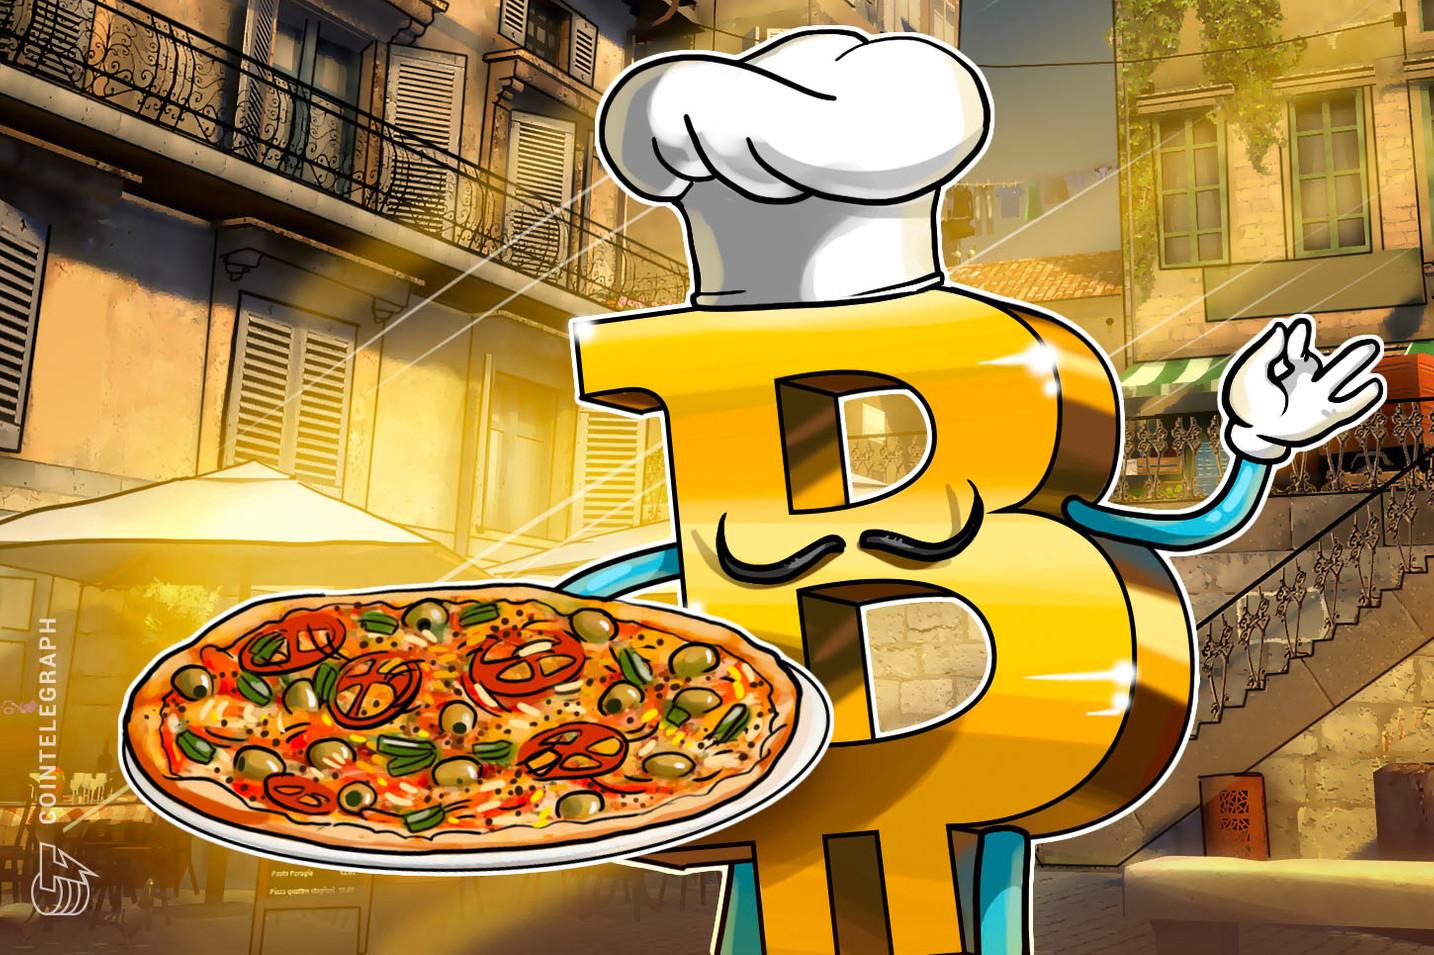 ビットコイン・ピザの日から8年:仮想通貨の歴史のおかしくも画期的事件の意義